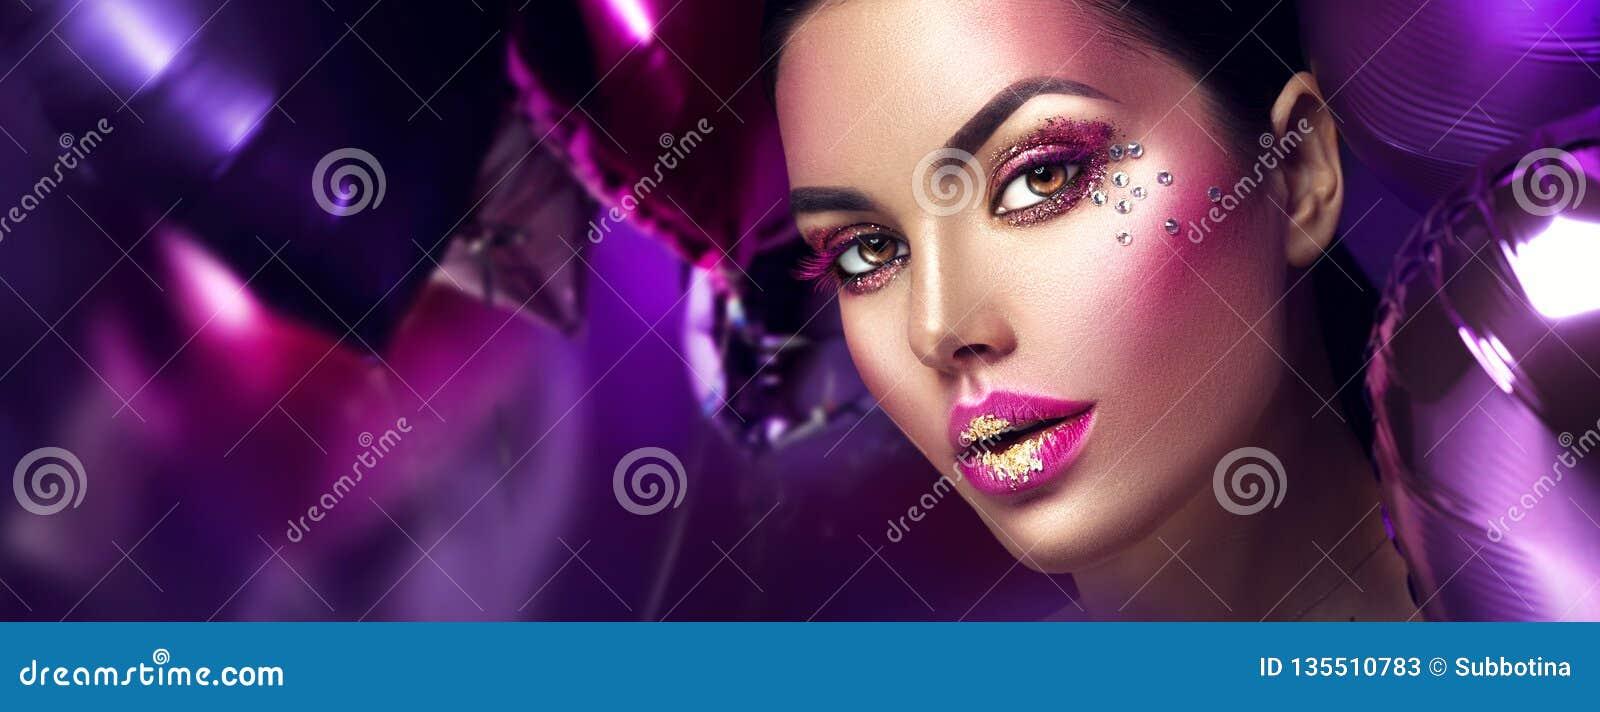 Ομορφιάς δημιουργική τέχνη κοριτσιών μόδας πρότυπη makeup με τους πολύτιμους λίθους Πρόσωπο γυναικών πέρα από τα πορφυρά, ρόδινα